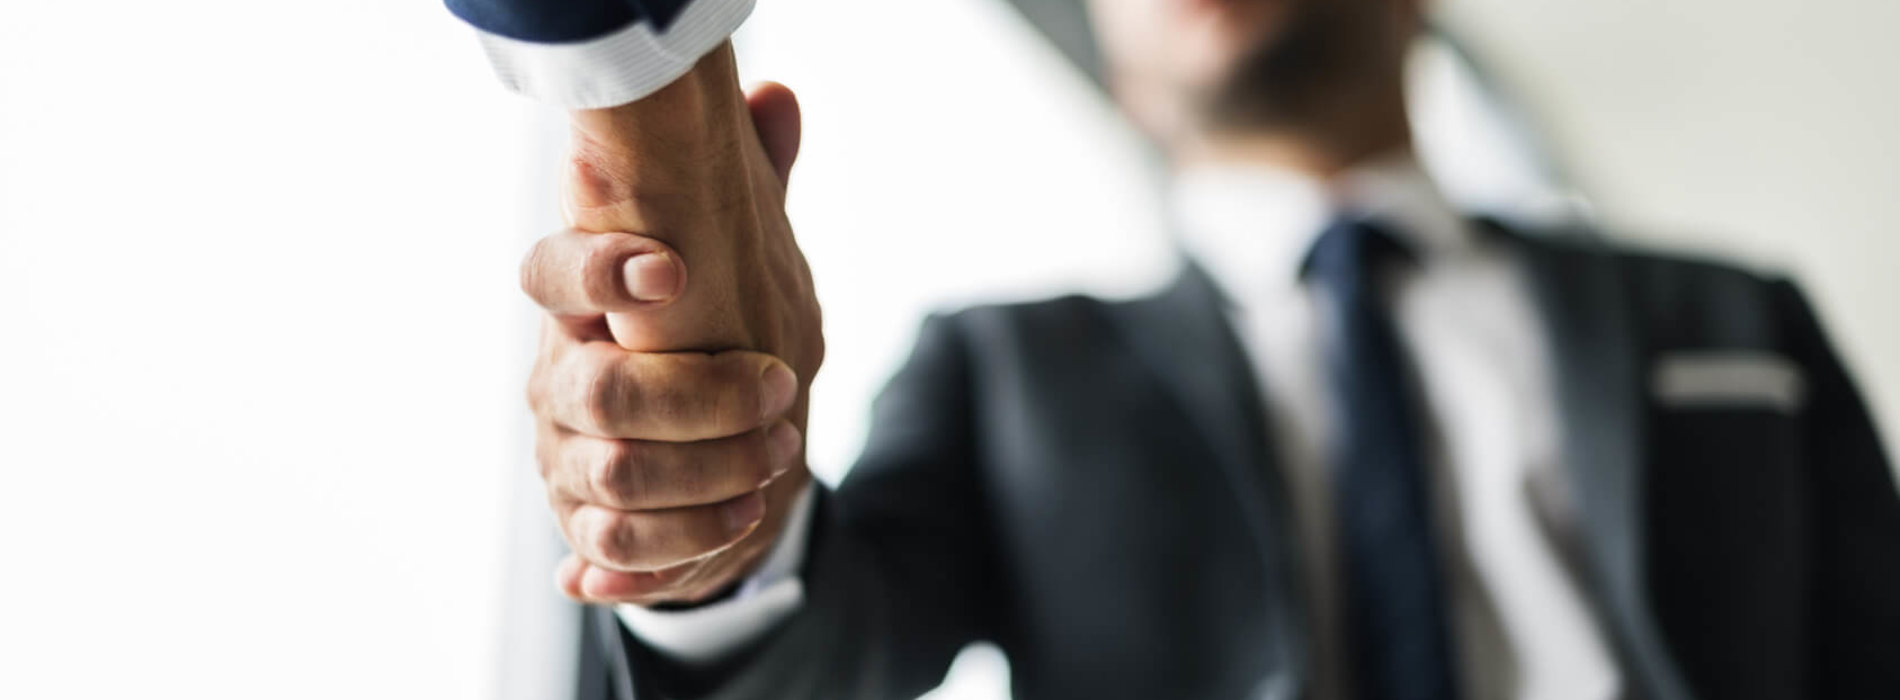 Lojalność partnerów biznesowych kluczem do sukcesu firmy